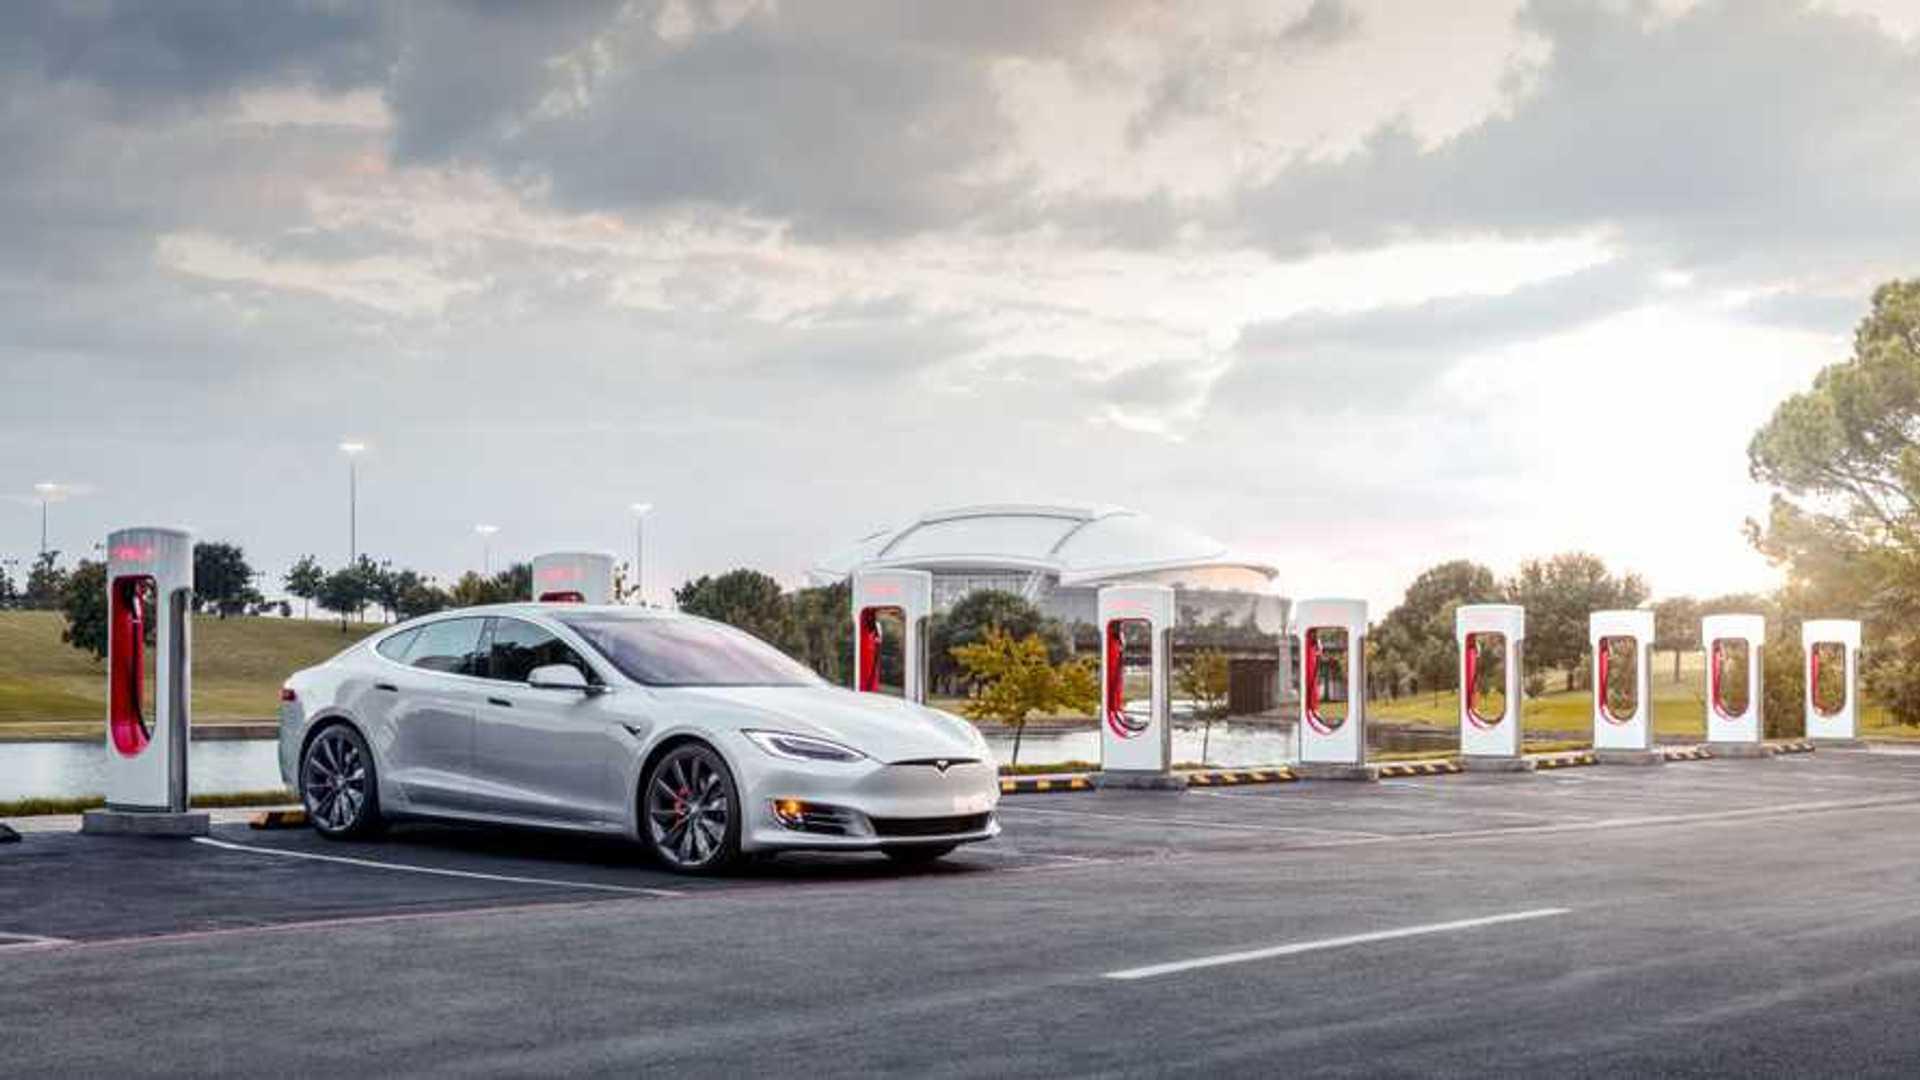 Tesla Supercharger Expansion Goals Not Met For 2017